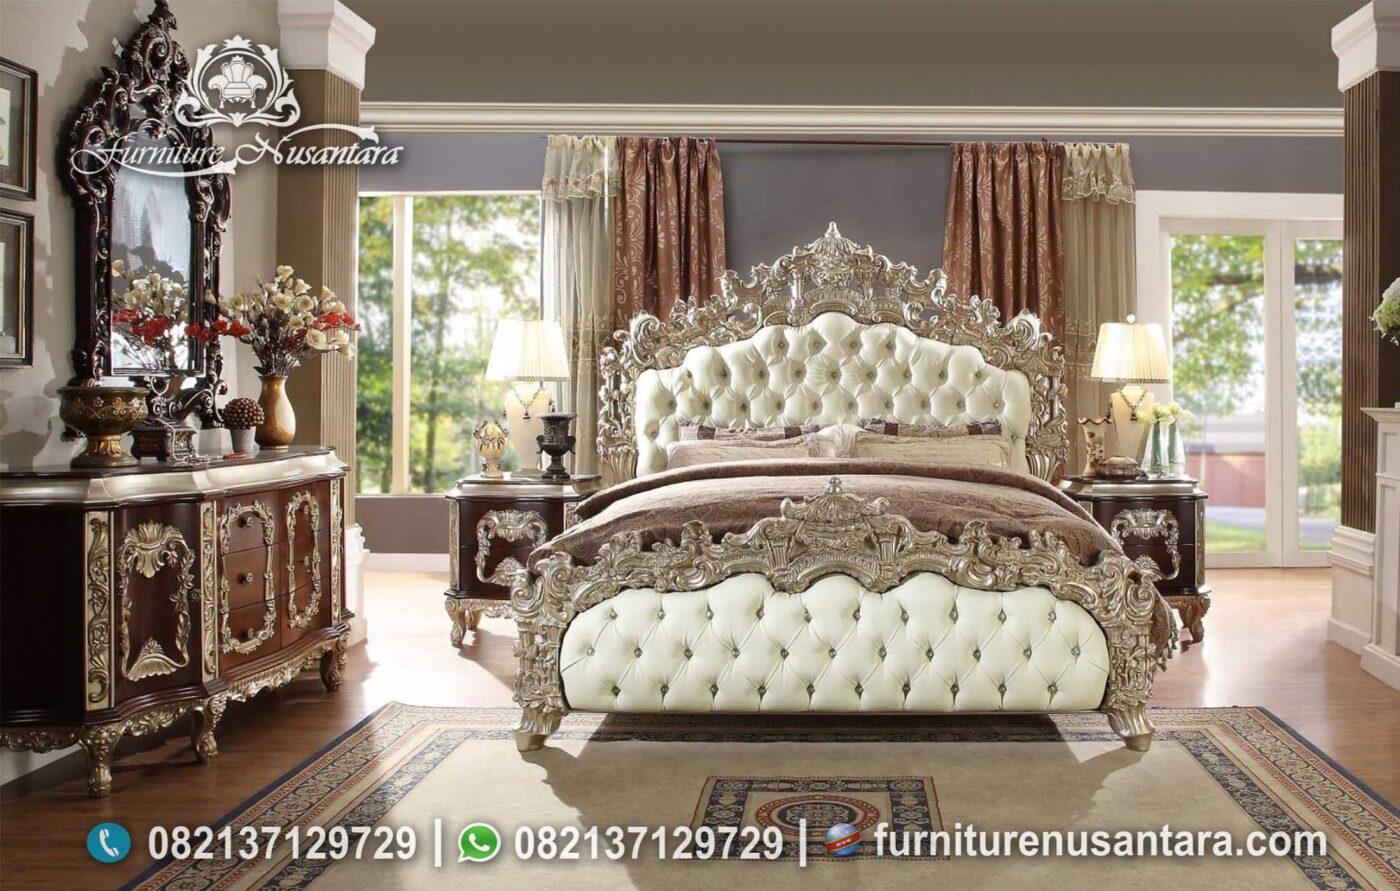 Tempat Tidur Klasik Ukir Jepara Terbaru KS-184, Furniture Nusantara